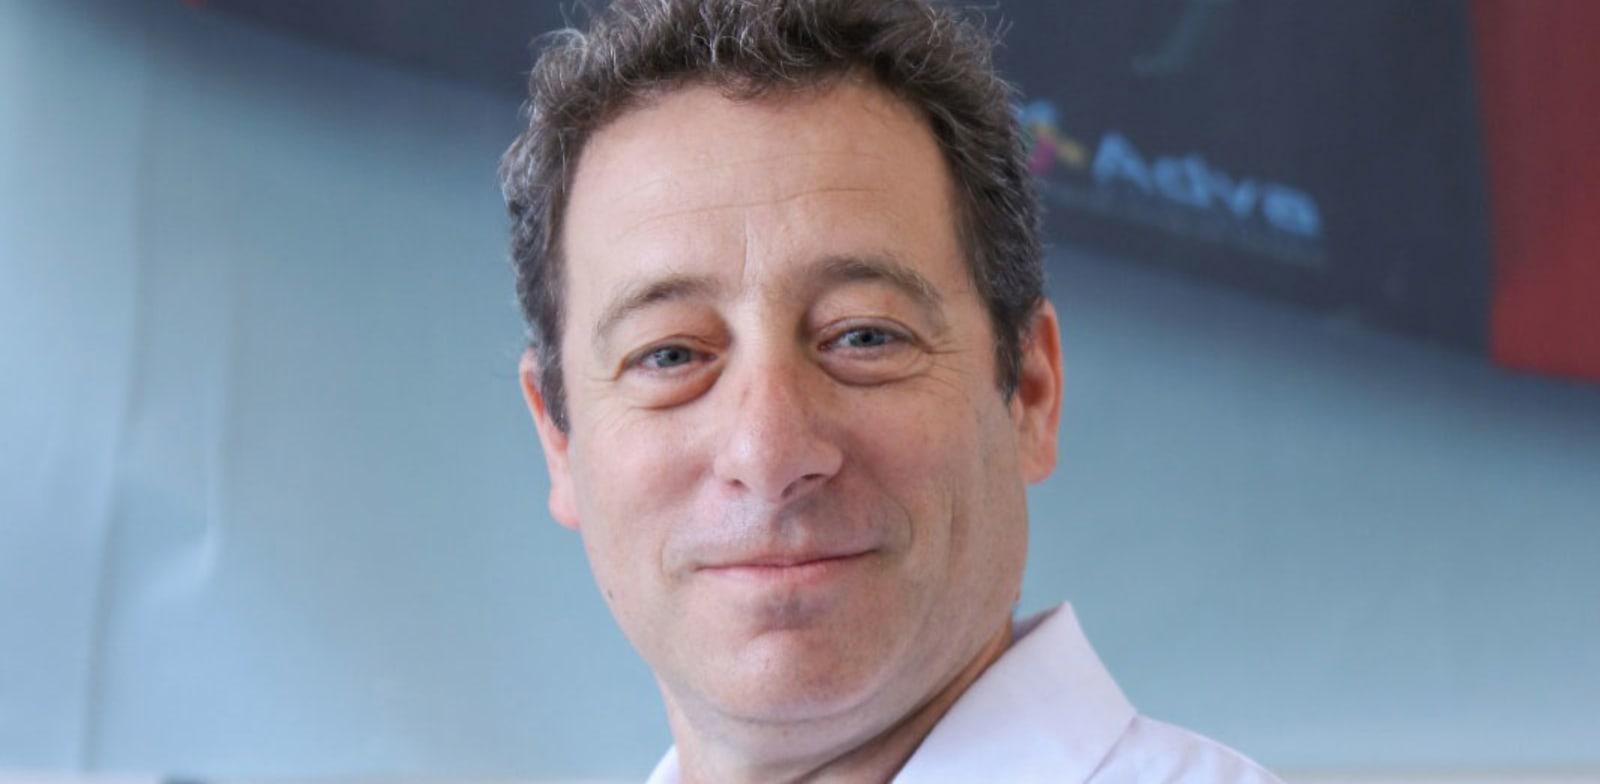 """אוהד קרניאלי, מנכ""""ל חברת אדוה ביוטכנולוגיה / צילום: בר גוטהרץ"""